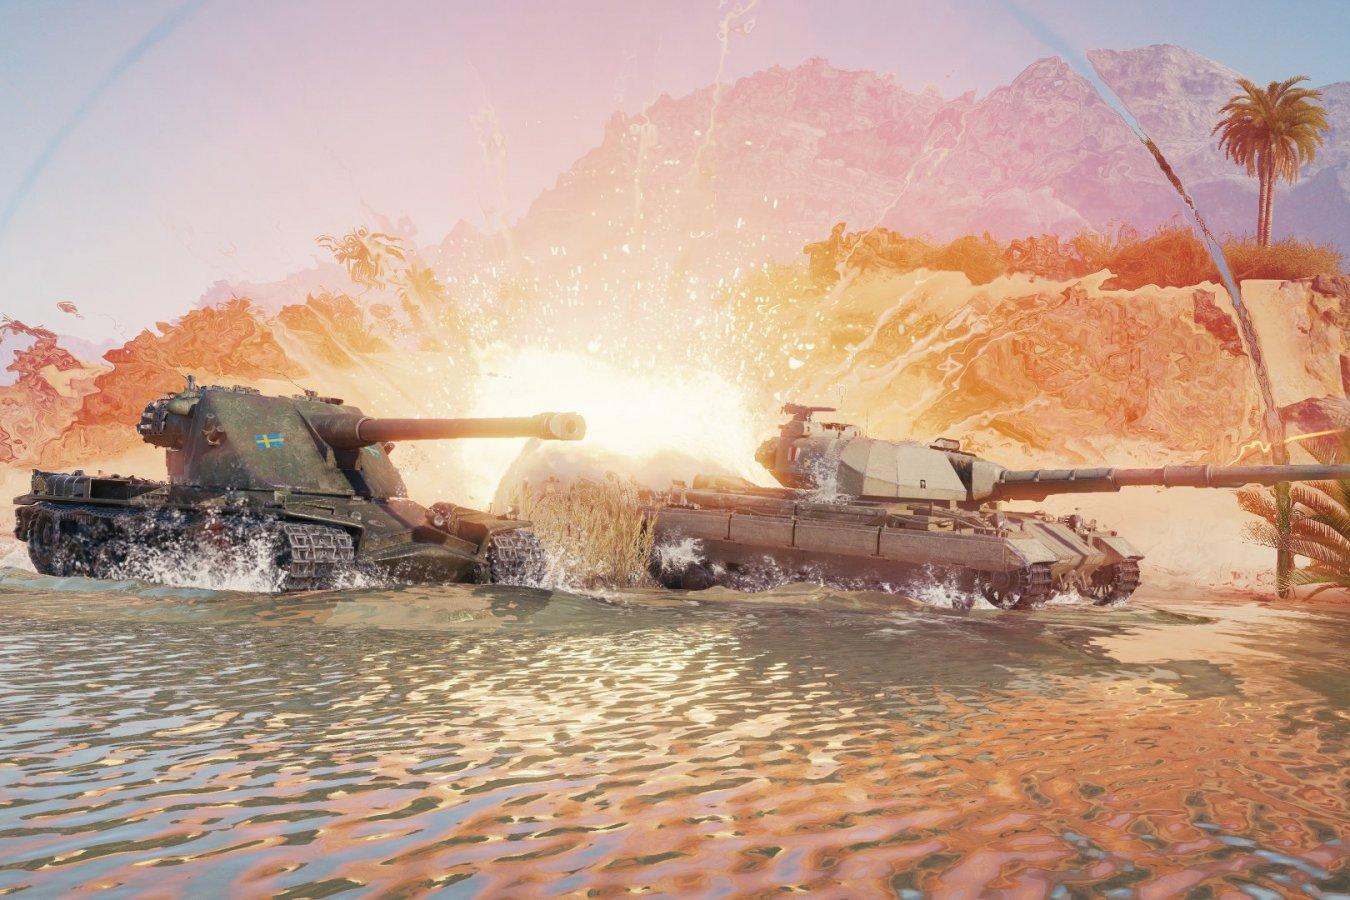 Детали обновления 1.14 в World of Tanks — чехословацкие танки и карта «Старая гавань»